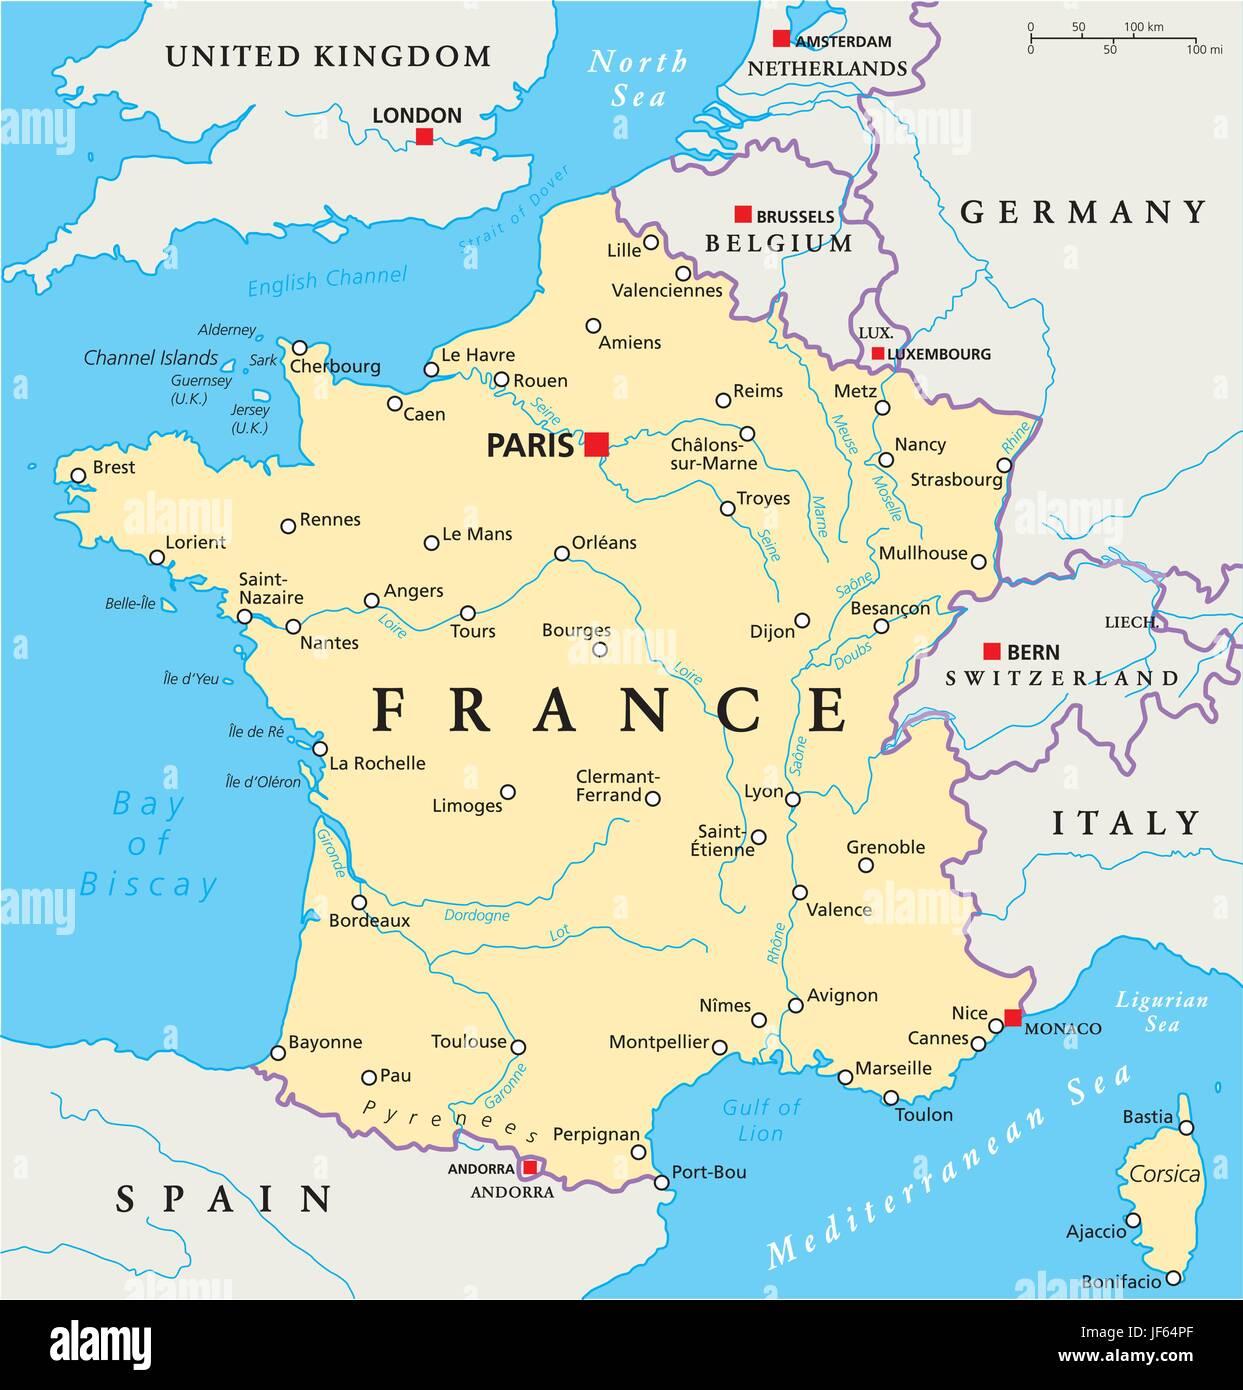 Cartina Fisica Di Parigi.Parigi Francia Corsica Mappa Atlas Mappa Del Mondo Politico Acqua Nord Immagine E Vettoriale Alamy